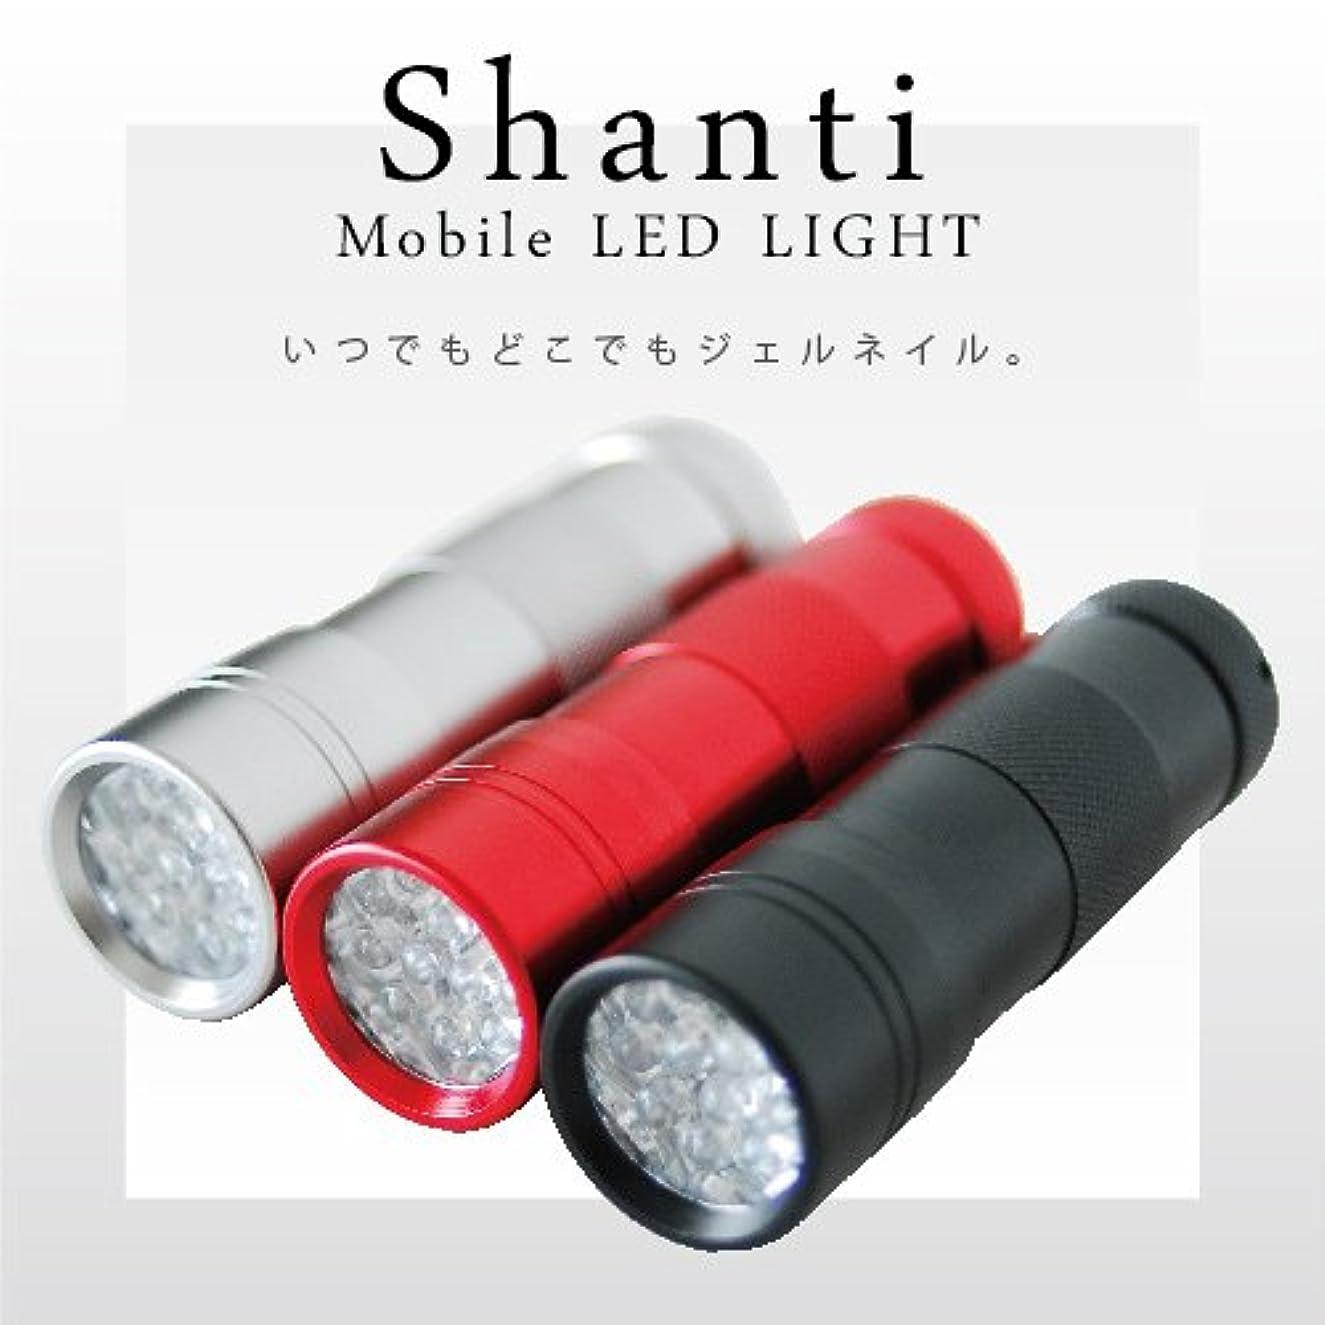 防止海栄光のジェルネイル用UVライト ペン型LEDライト Shanti Mobile LED ペン型ポータブルLEDライト カラー:シルバー  携帯用ハンドライト